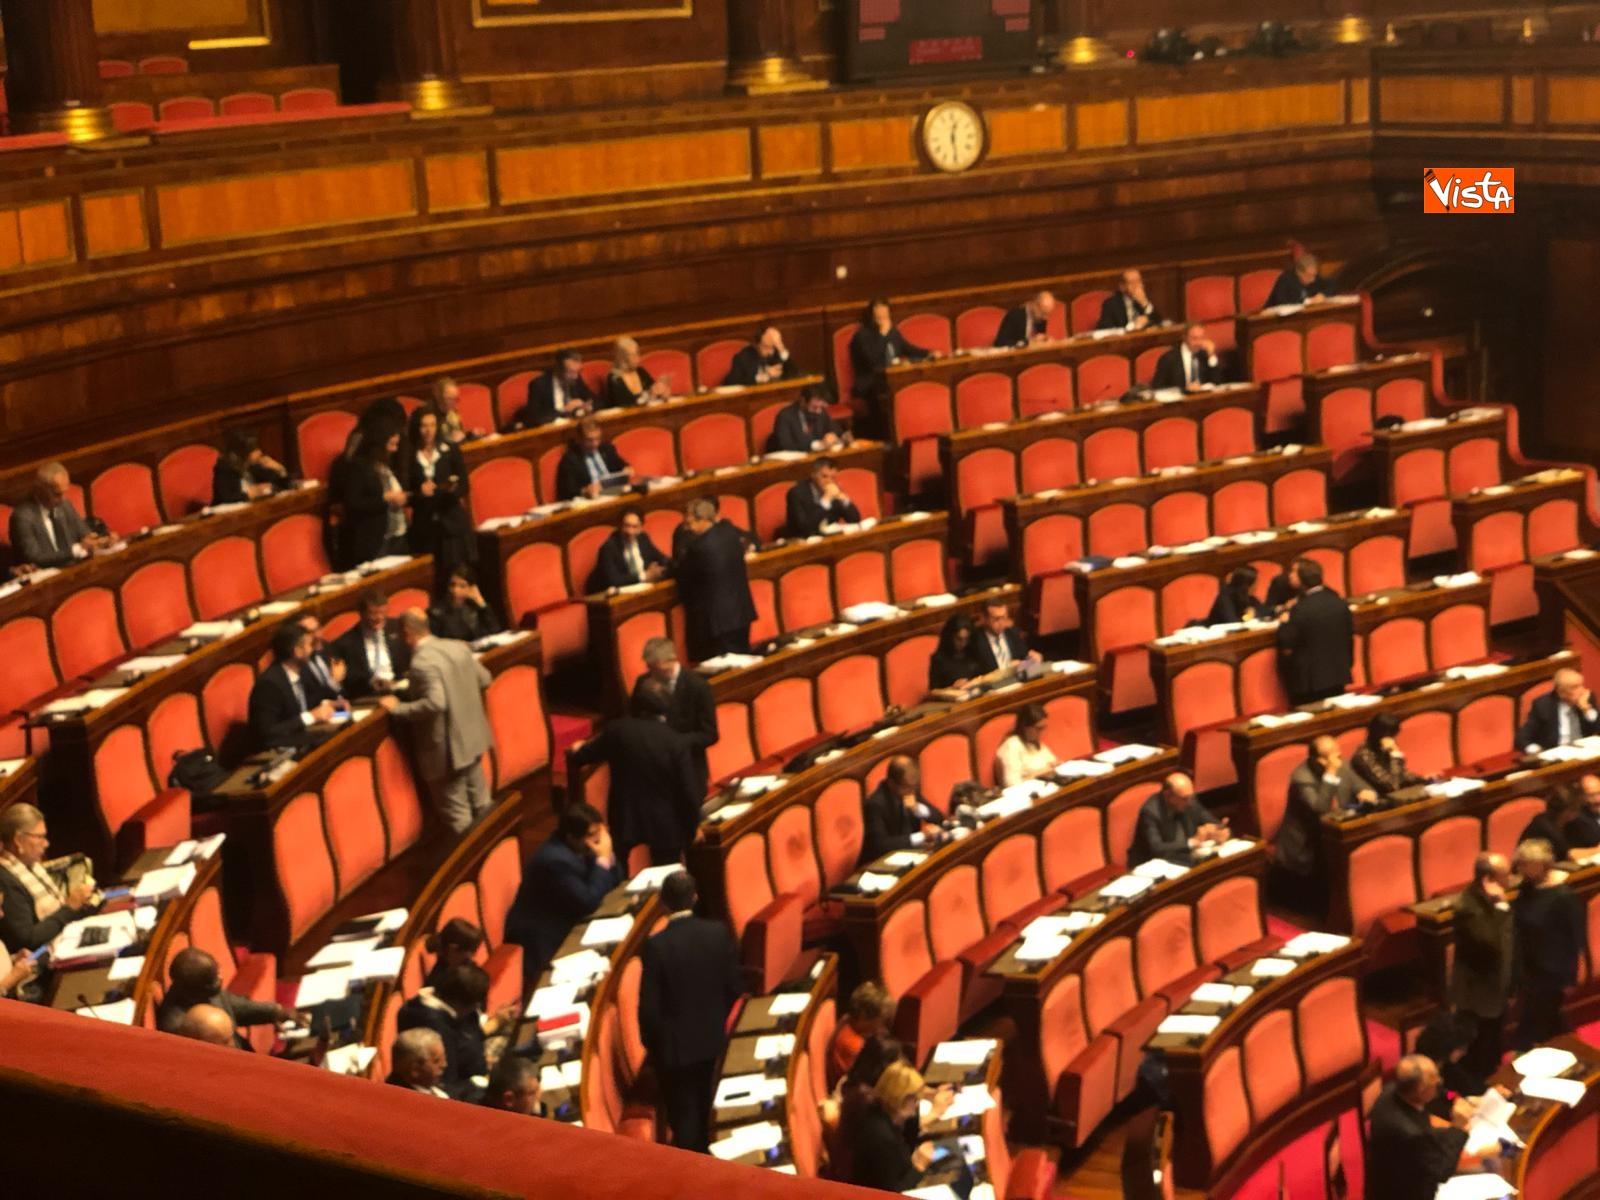 L'aula del Senato_03